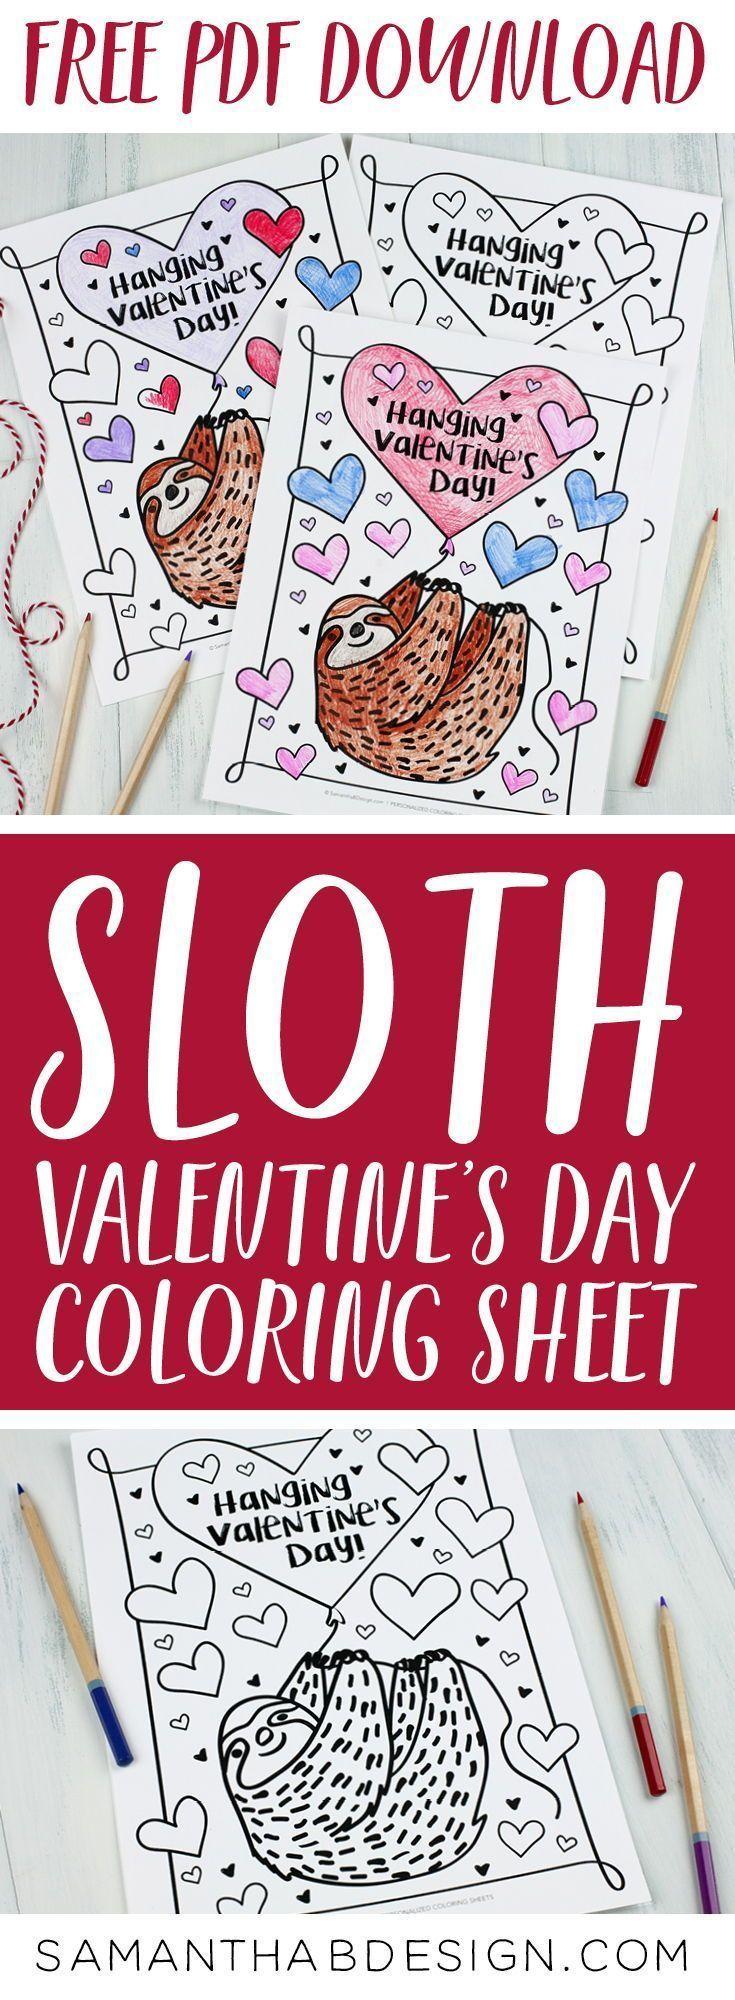 liebenswert faultier malvorlage zum valentinstag